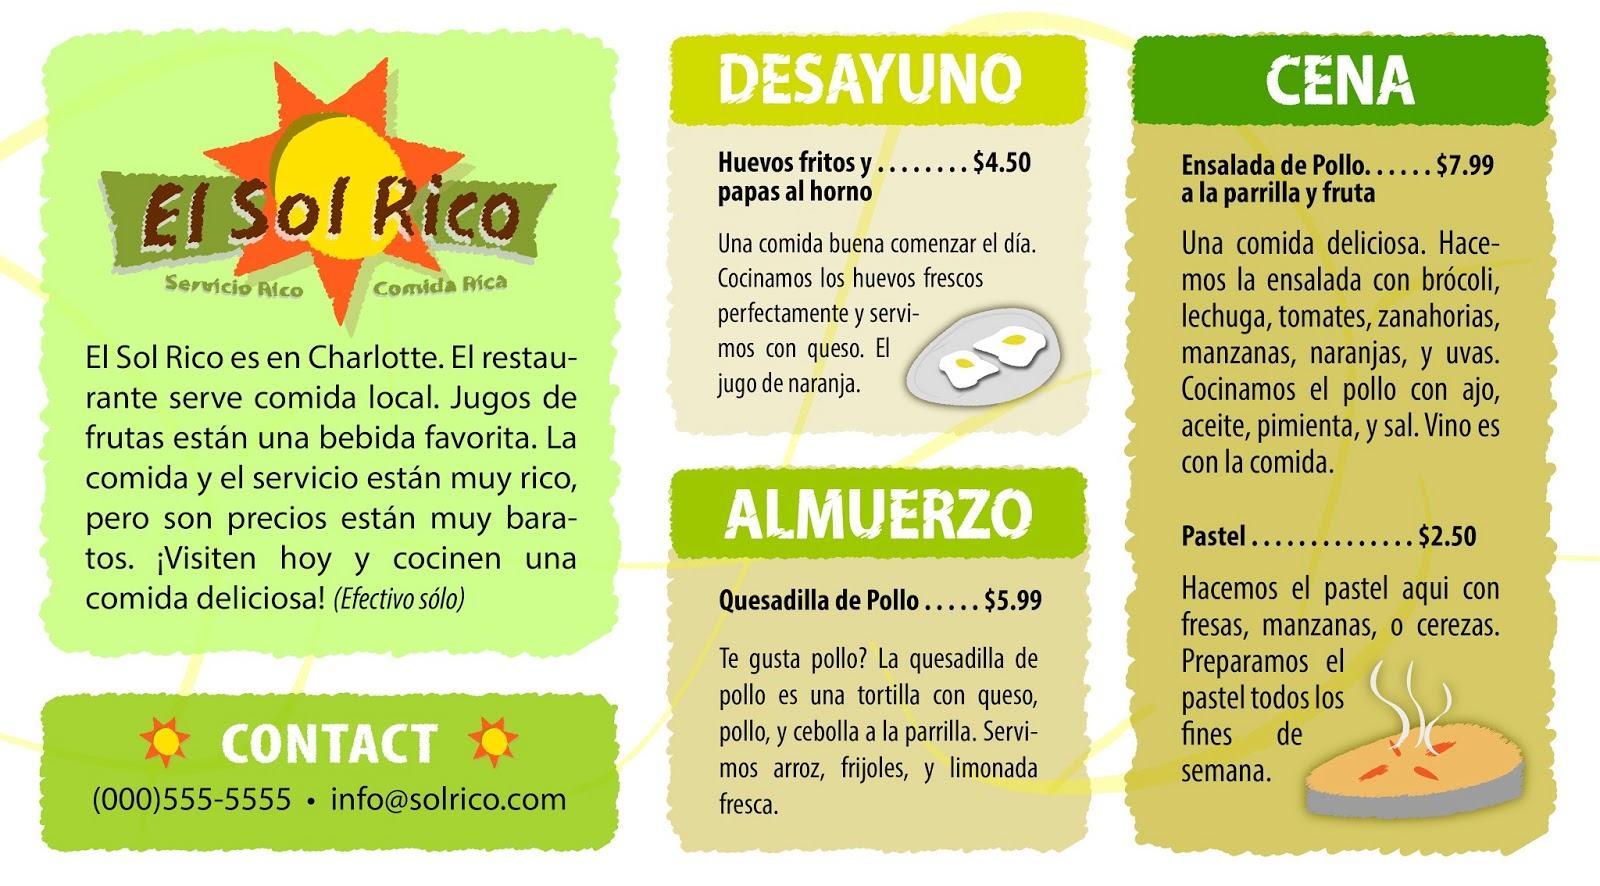 Restaurant Menus In Spanish Language Images